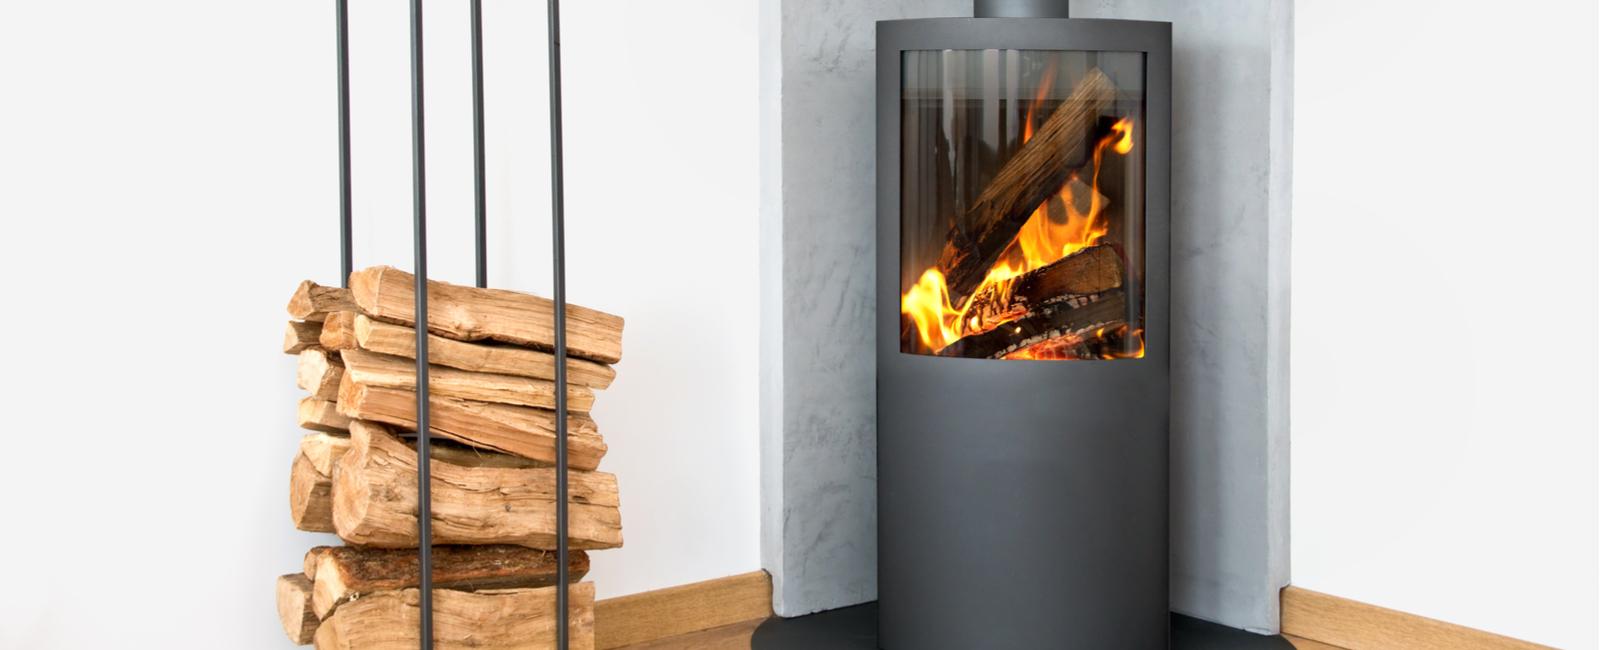 estimer le prix d 39 un chauffage bois conseils travaux. Black Bedroom Furniture Sets. Home Design Ideas